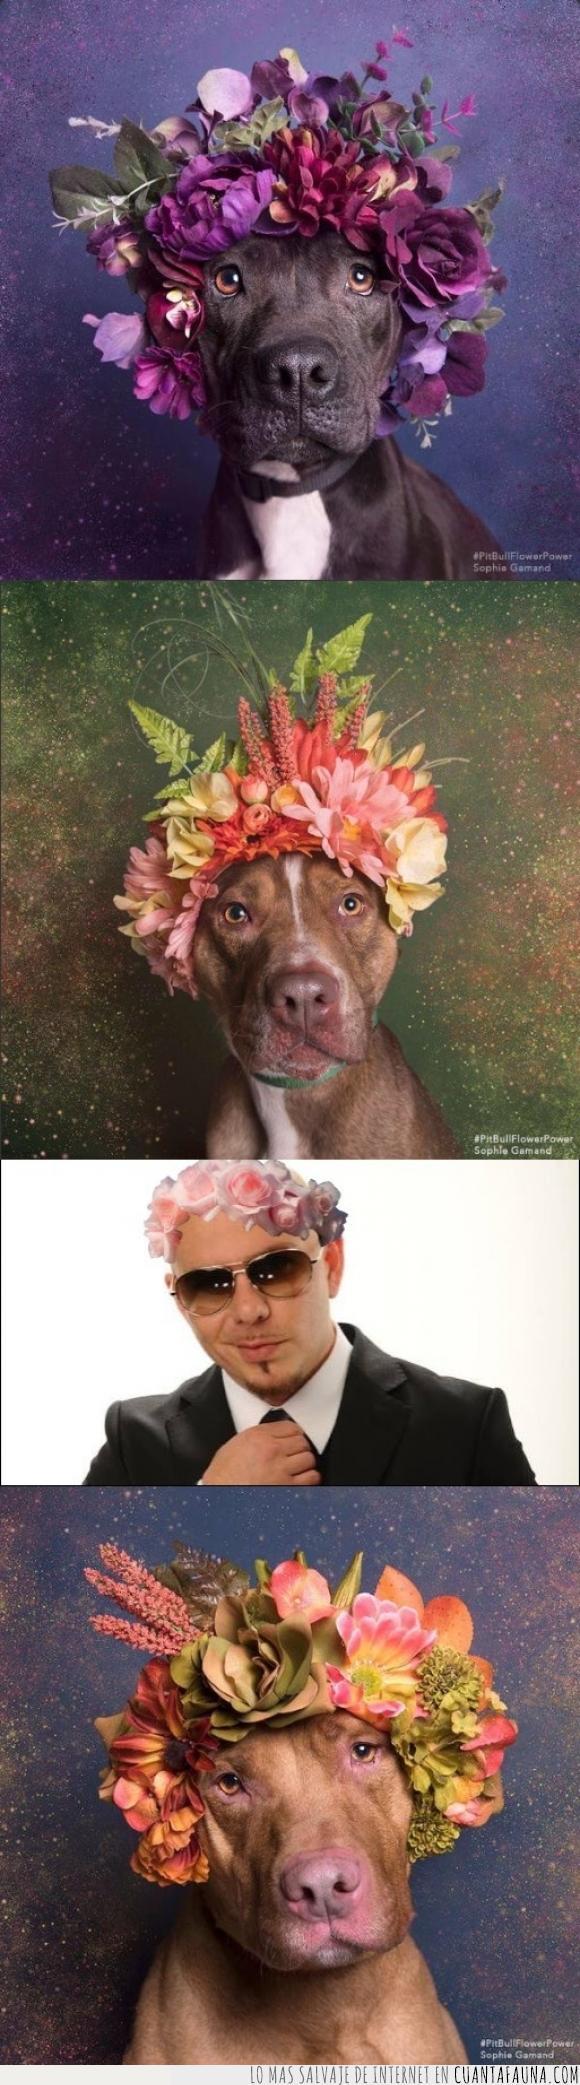 cantante,corona,flores,perro,pitbull